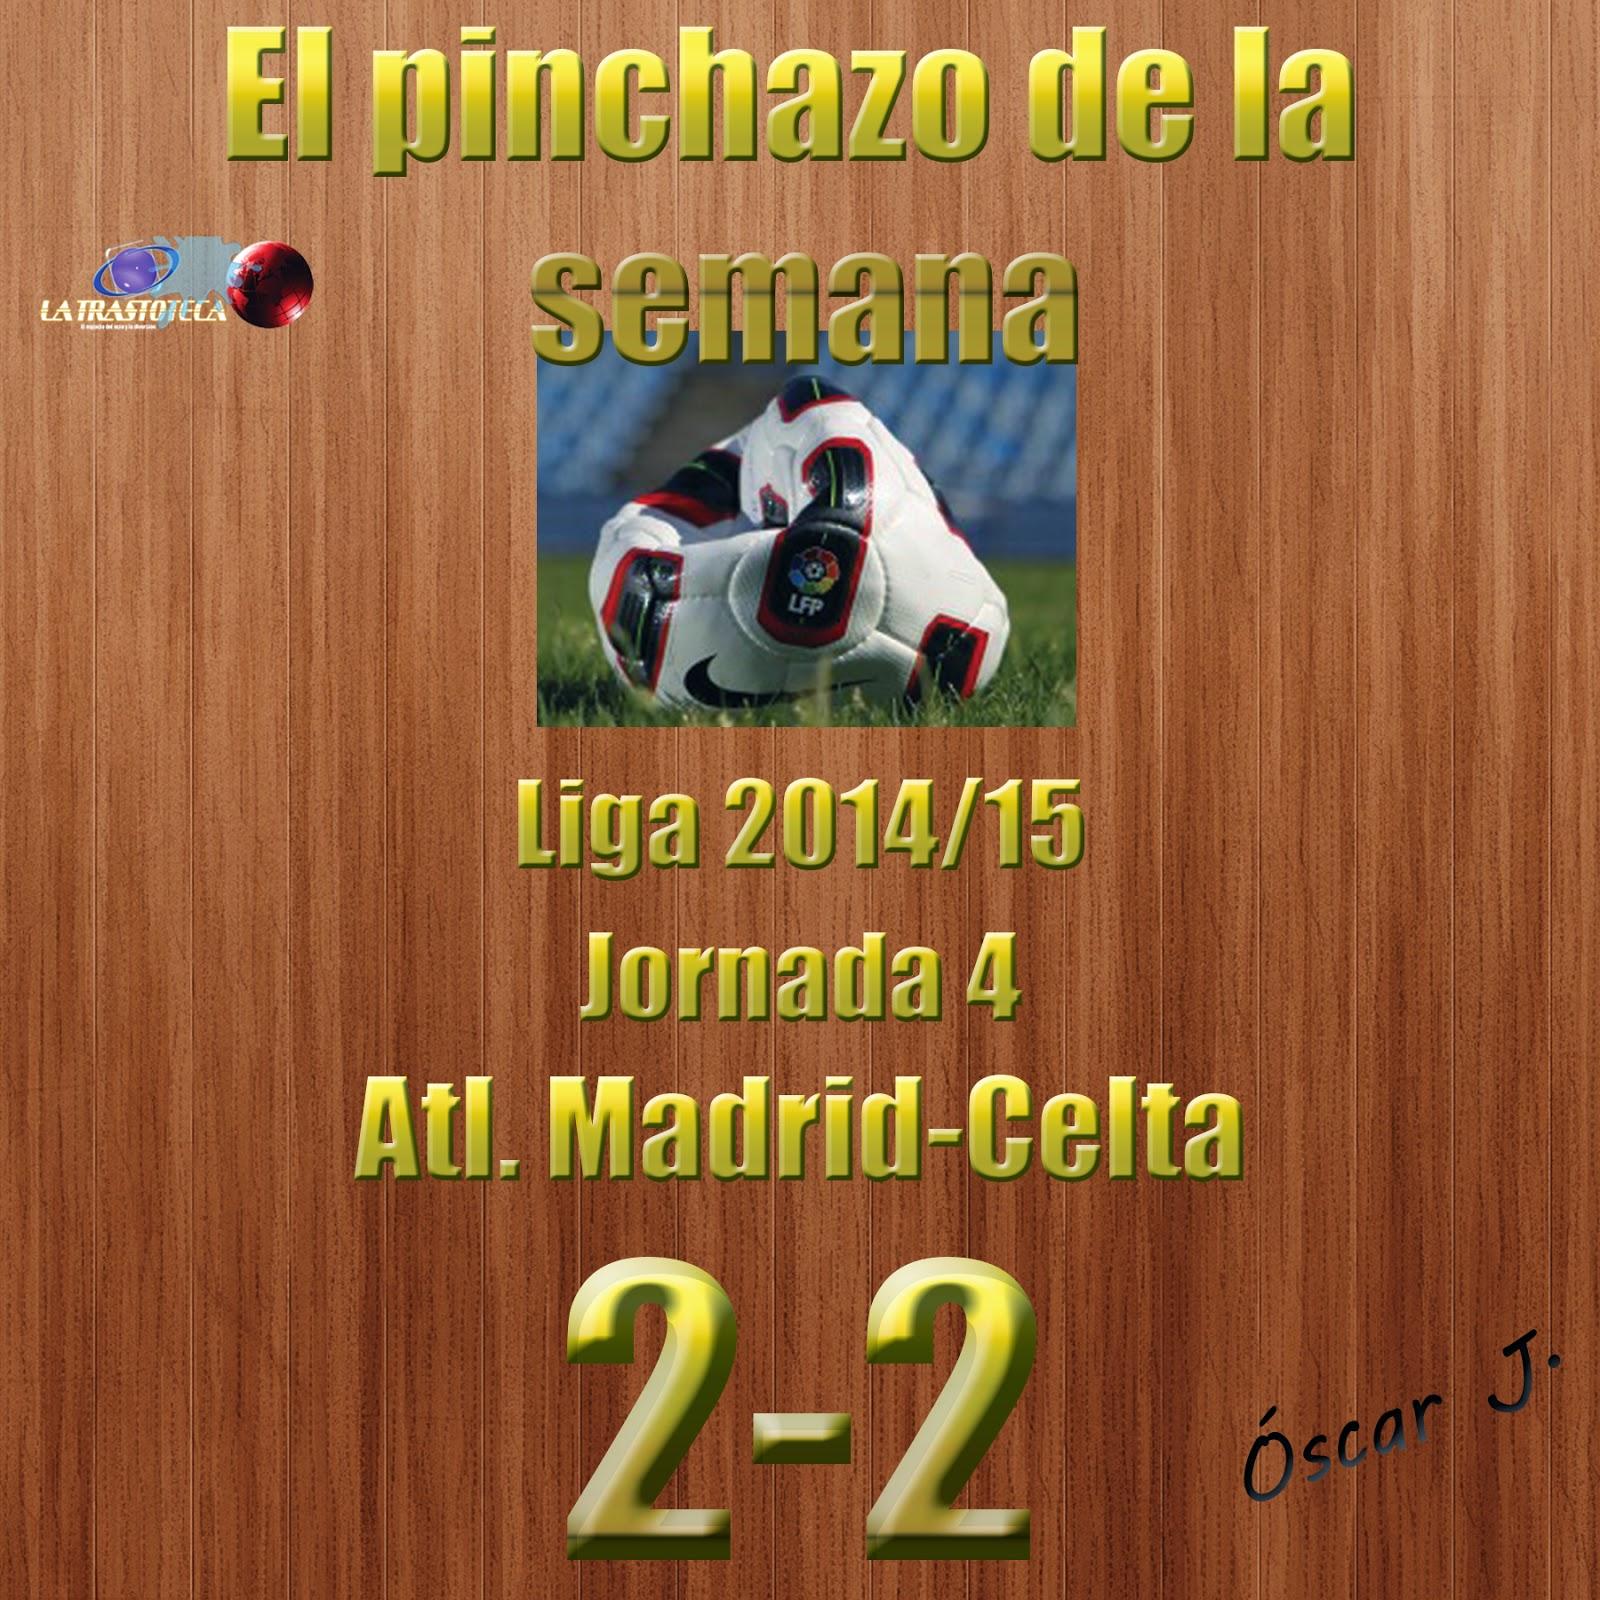 Atlético de Madrid 2-2 Celta. Jornada 4. El pinchazo de la semana.